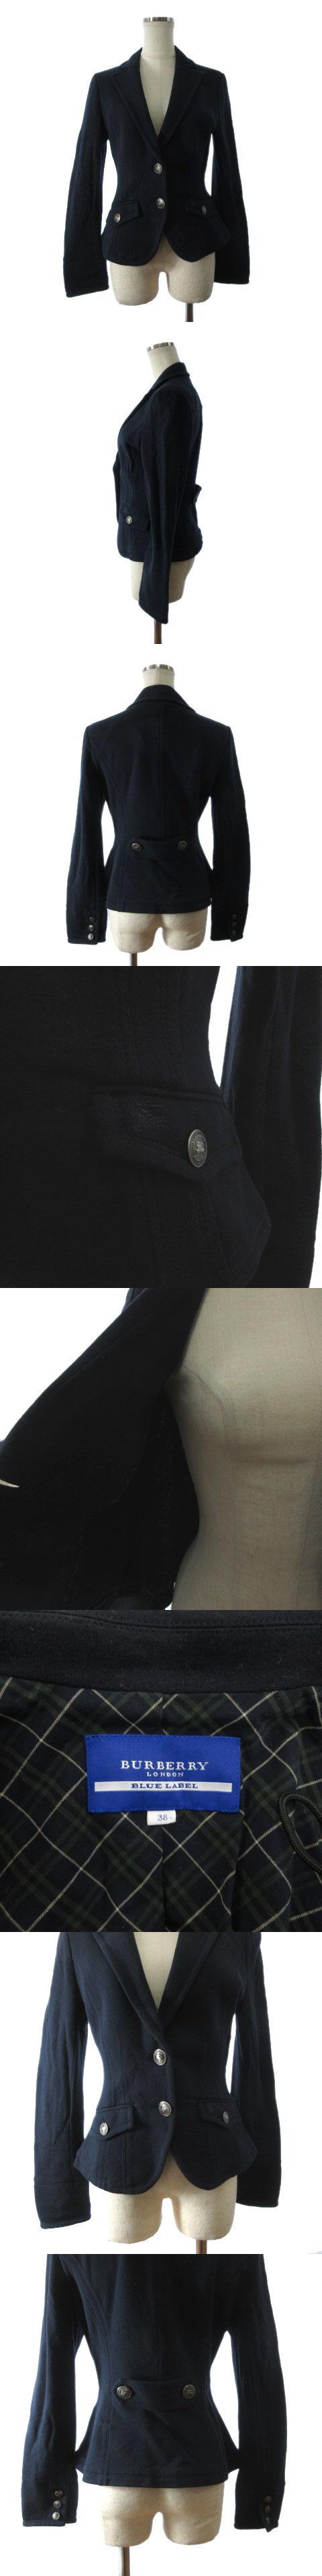 ジャケット 長袖 ノッチドラペル ロゴ コットン ネイビー 紺 38